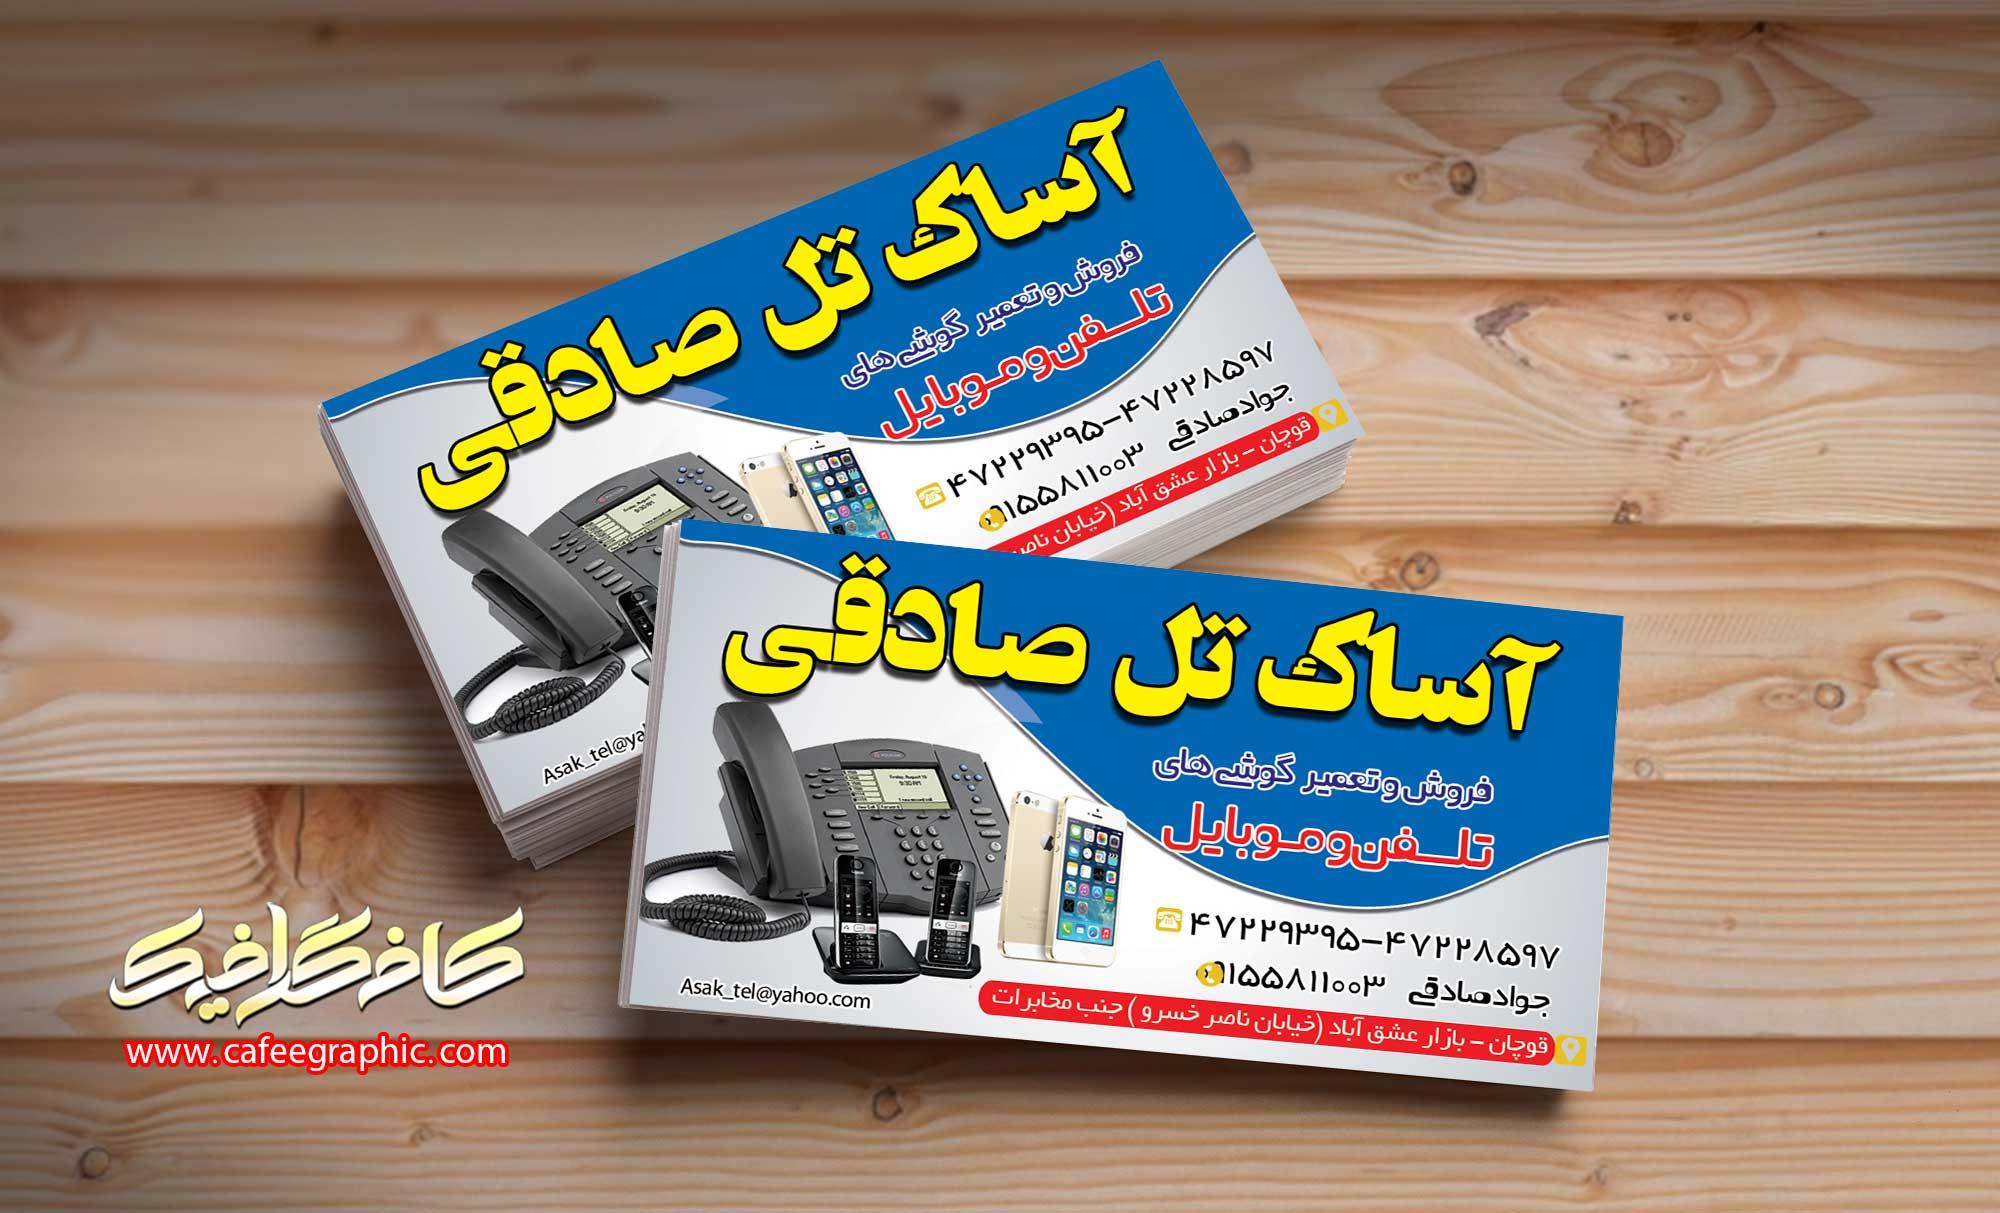 کارت ویزیت لایه باز تعمیرات موبایل و تلفن فروشی